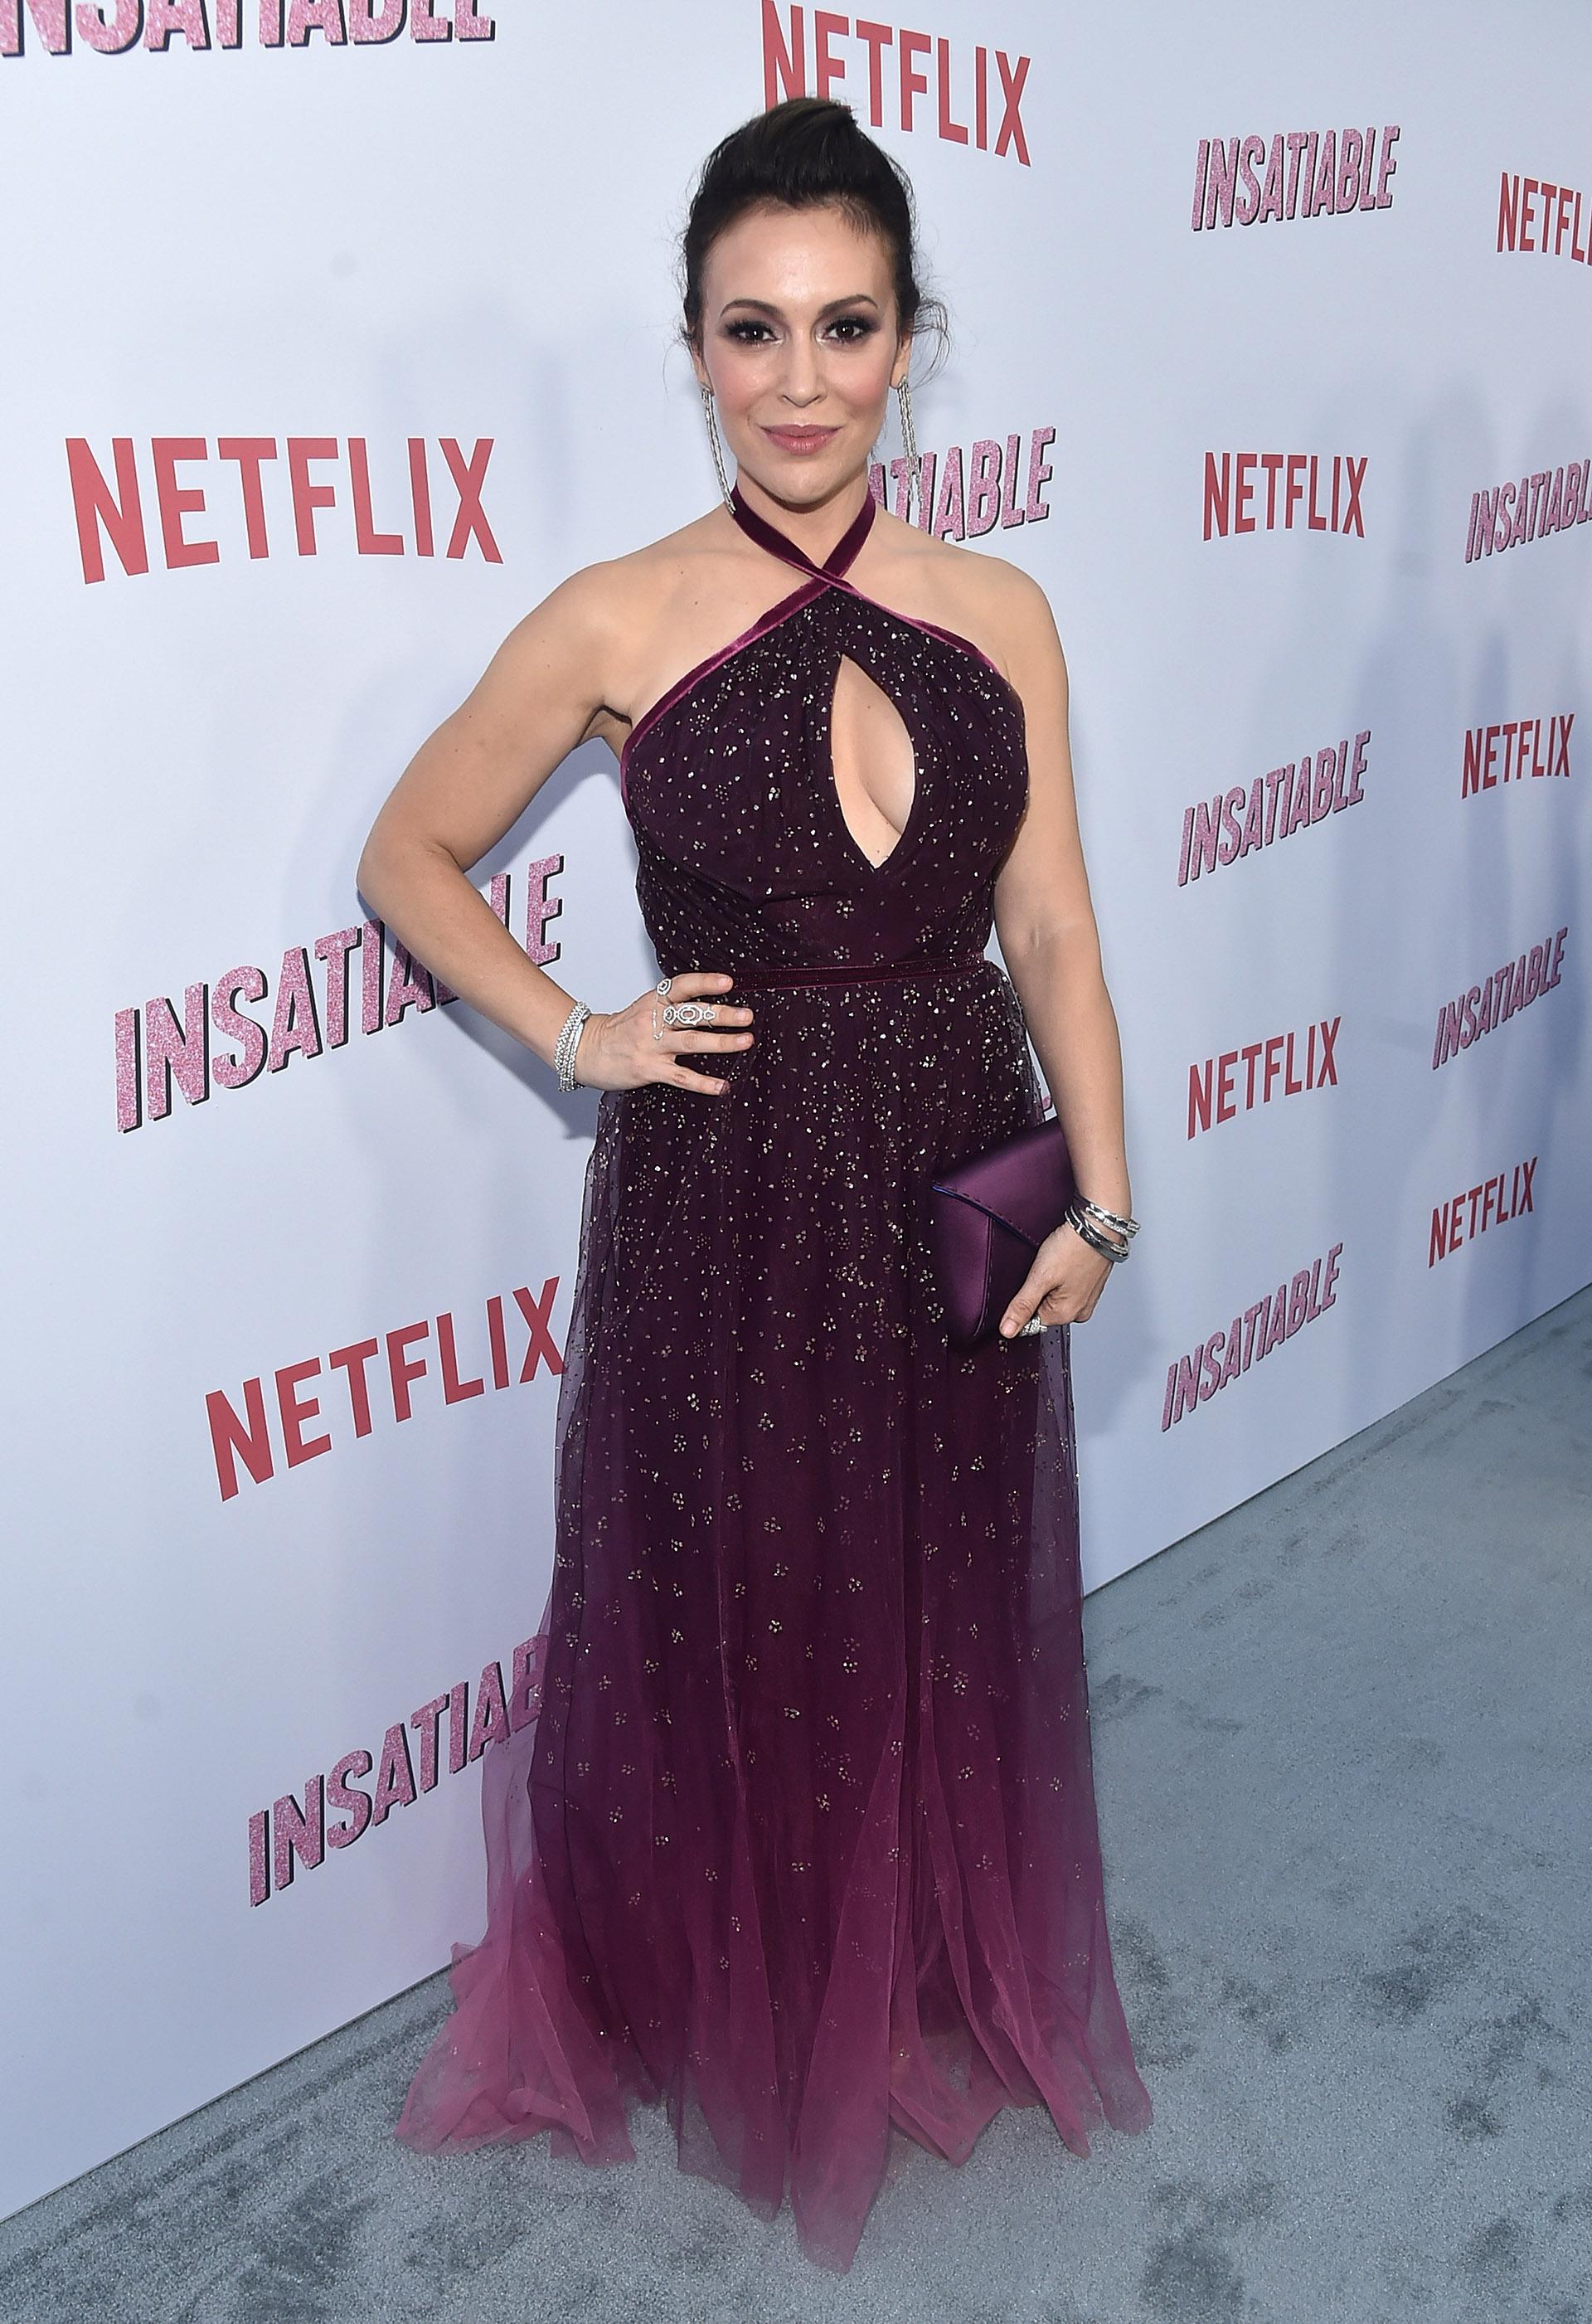 """Alyssa Milano a su llegada a la red carpet de """"Insatiable"""", en Hollywood, con un vestido violeta de tul y detalles plata"""